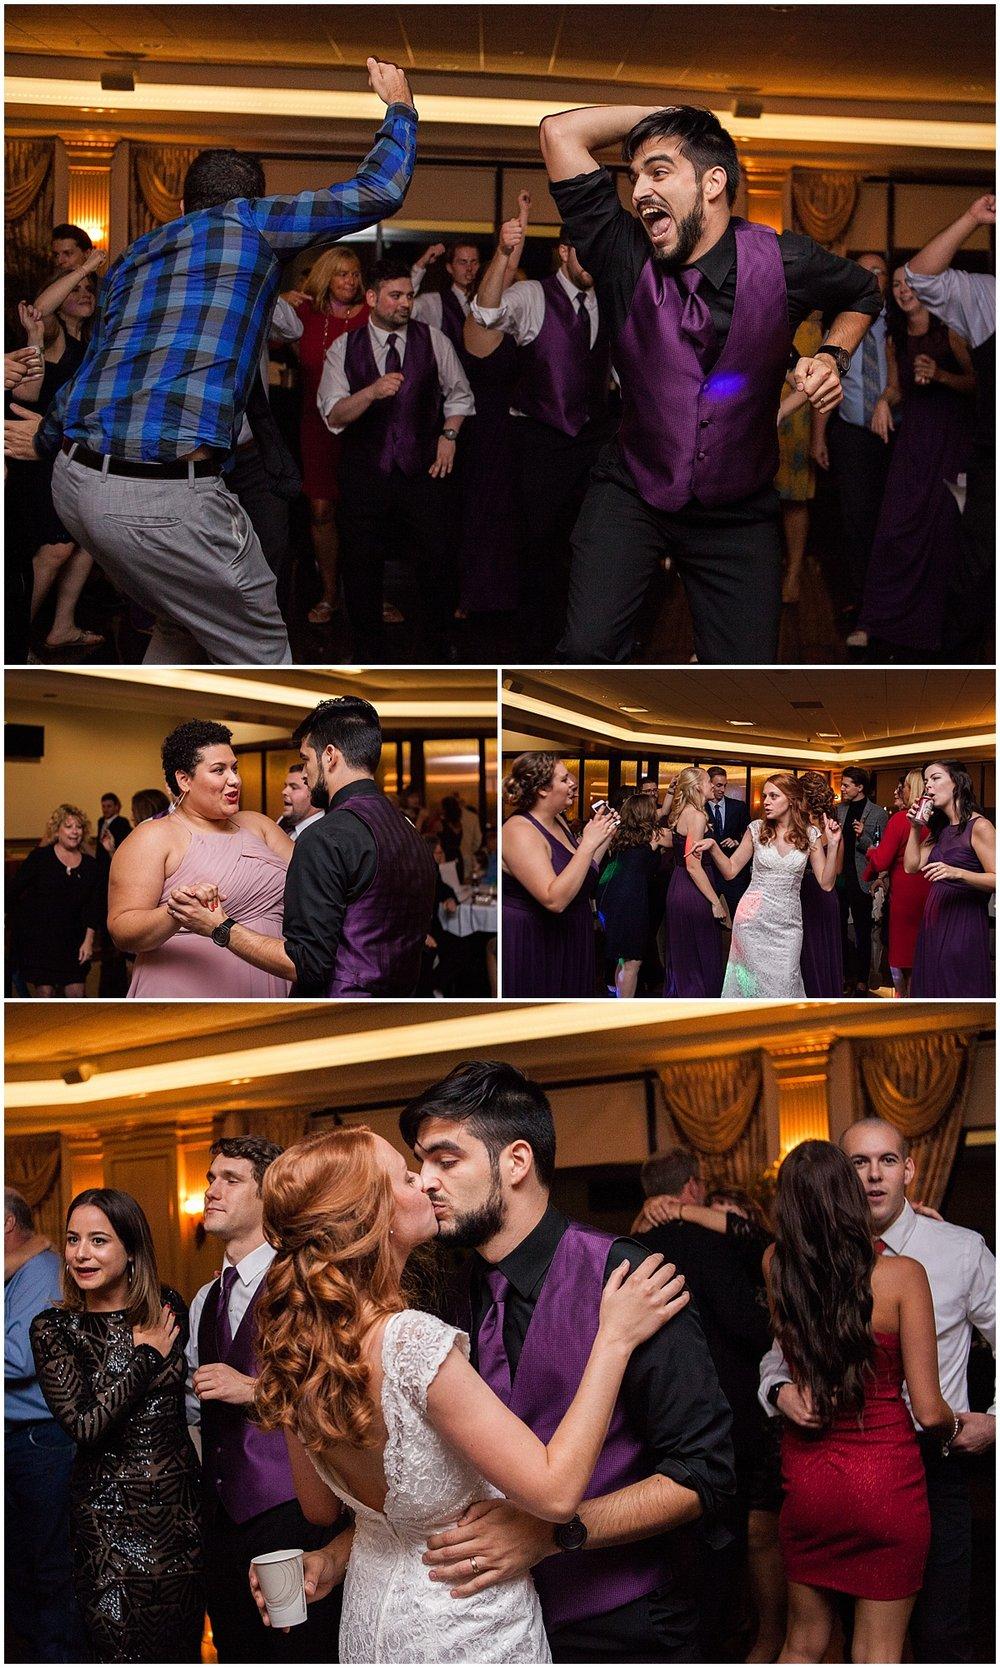 dancing at the club at shadow lakes beaver pa